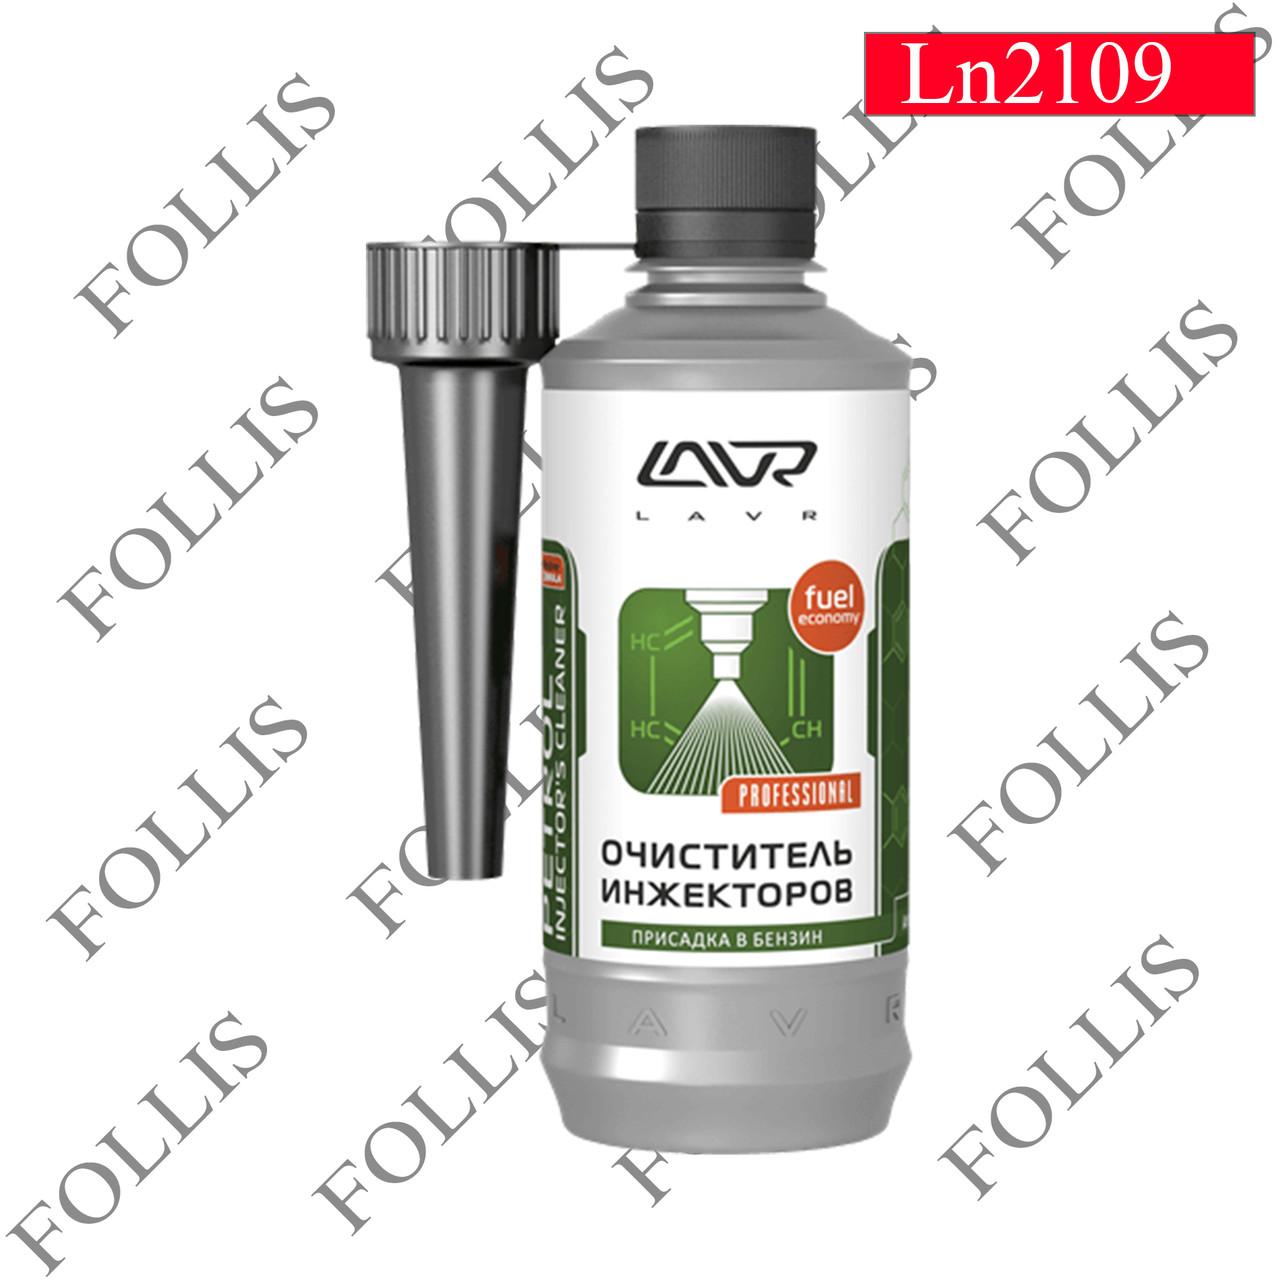 Очиститель инжекторов присадка в бензин (на 40-60л) с насадкой LAVR Petrol injector's Cleaner 310мл